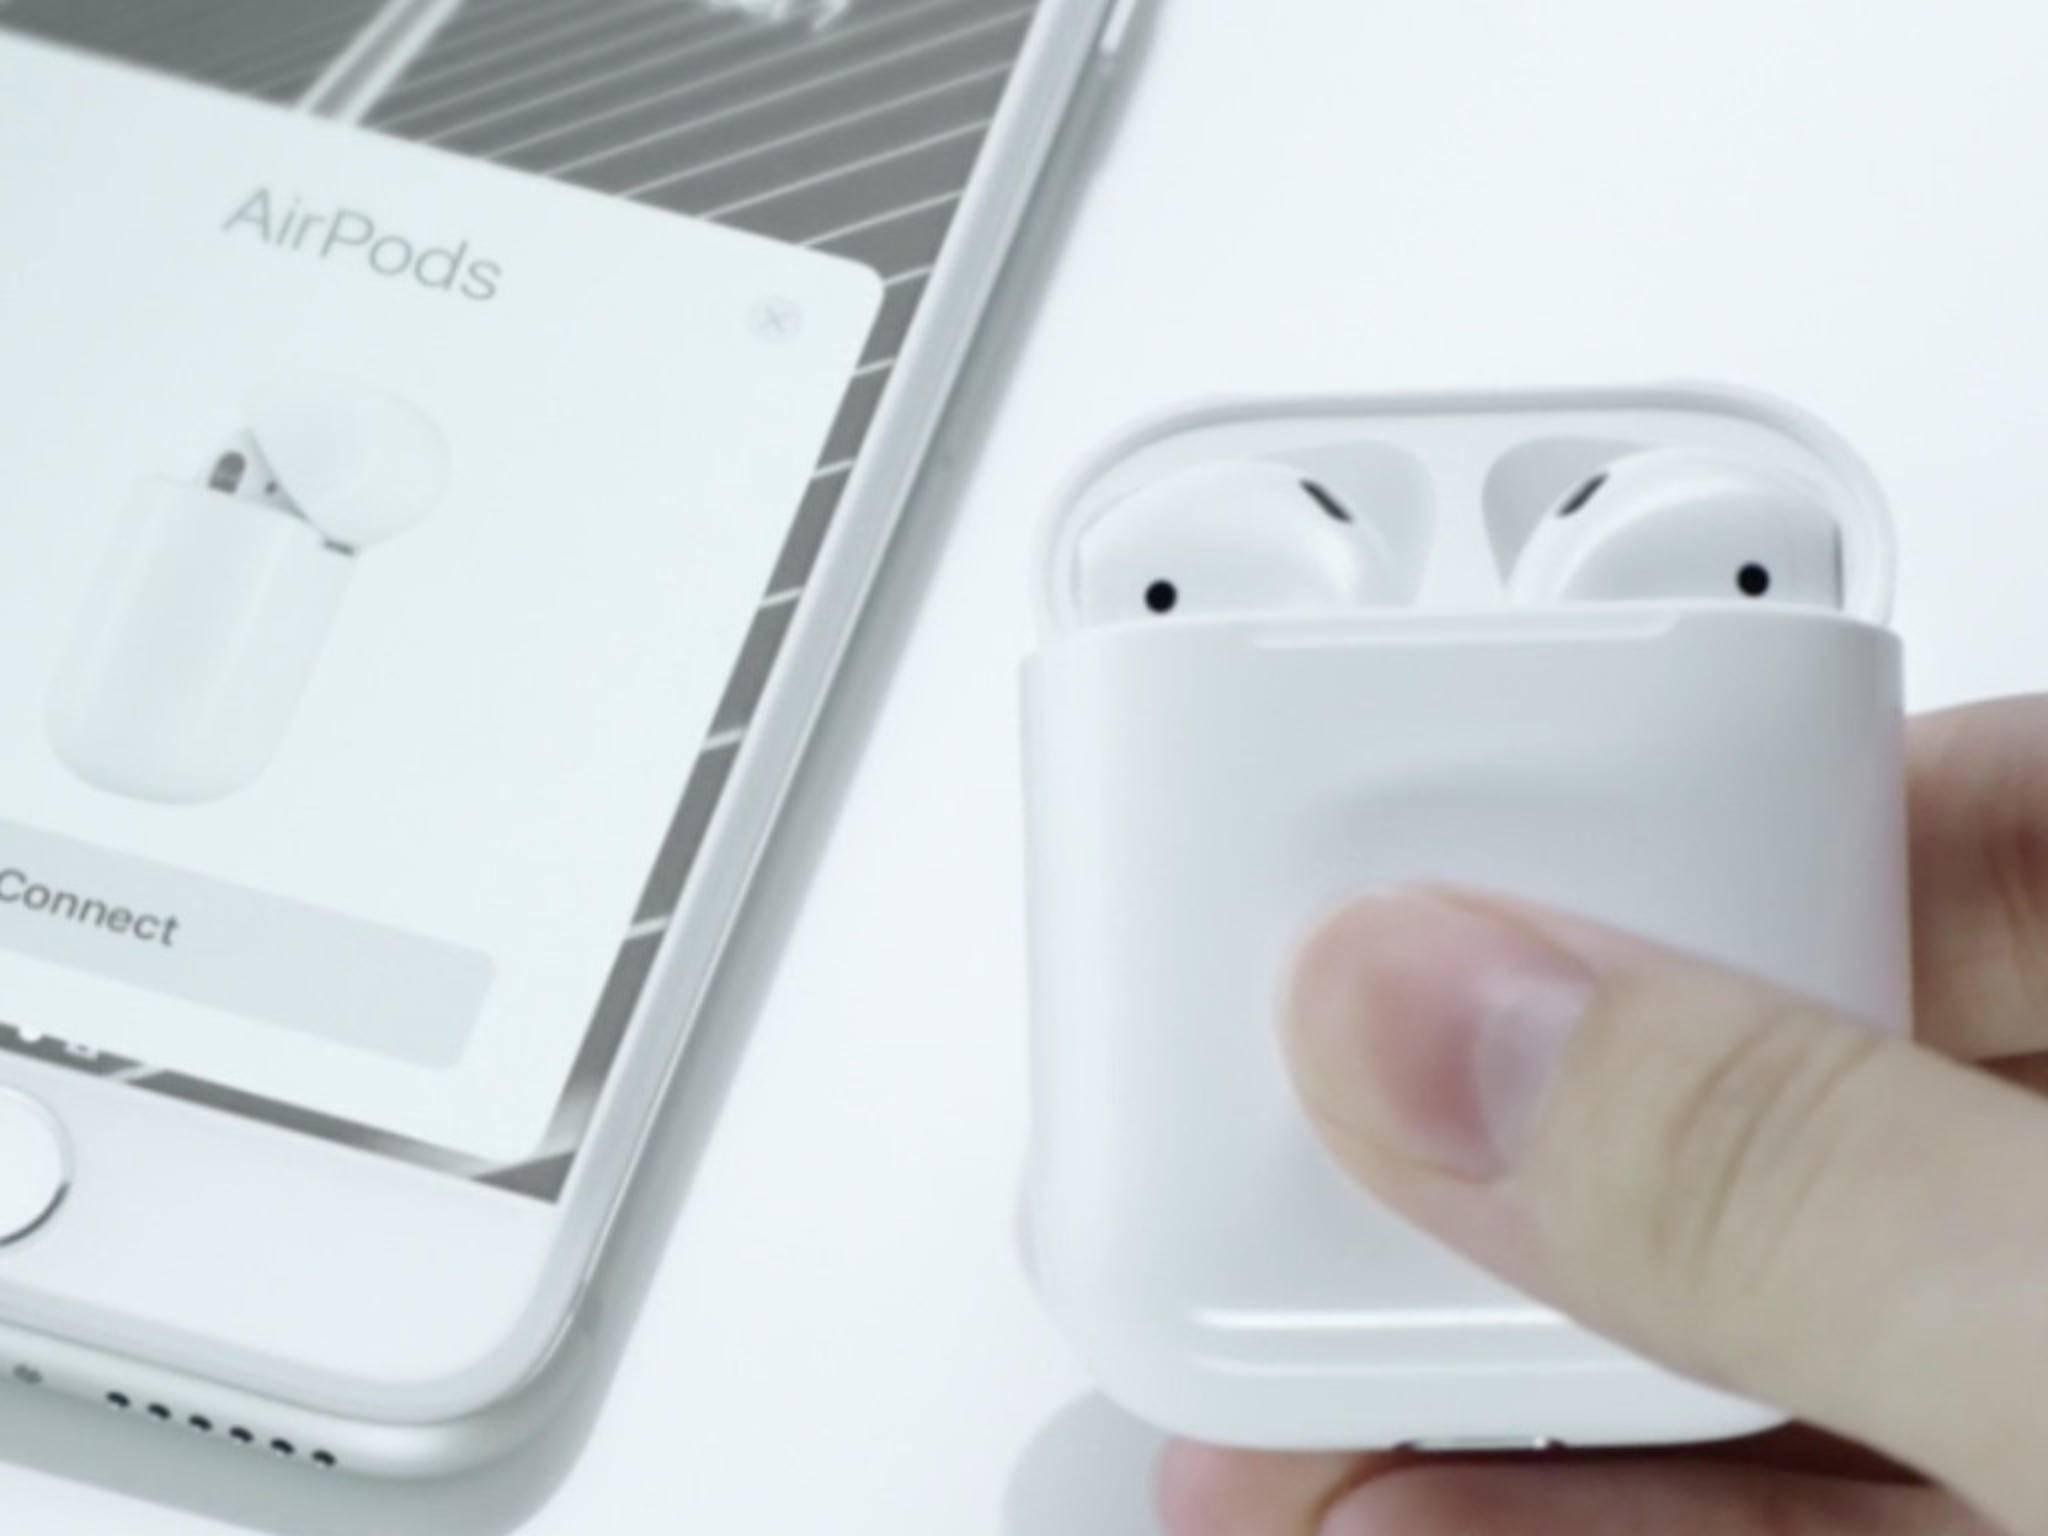 Der gleiche Hersteller, der schon die AirPods produzierte, soll nun mit der Produktion des Siri-Lautsprechers beschäftigt sein.